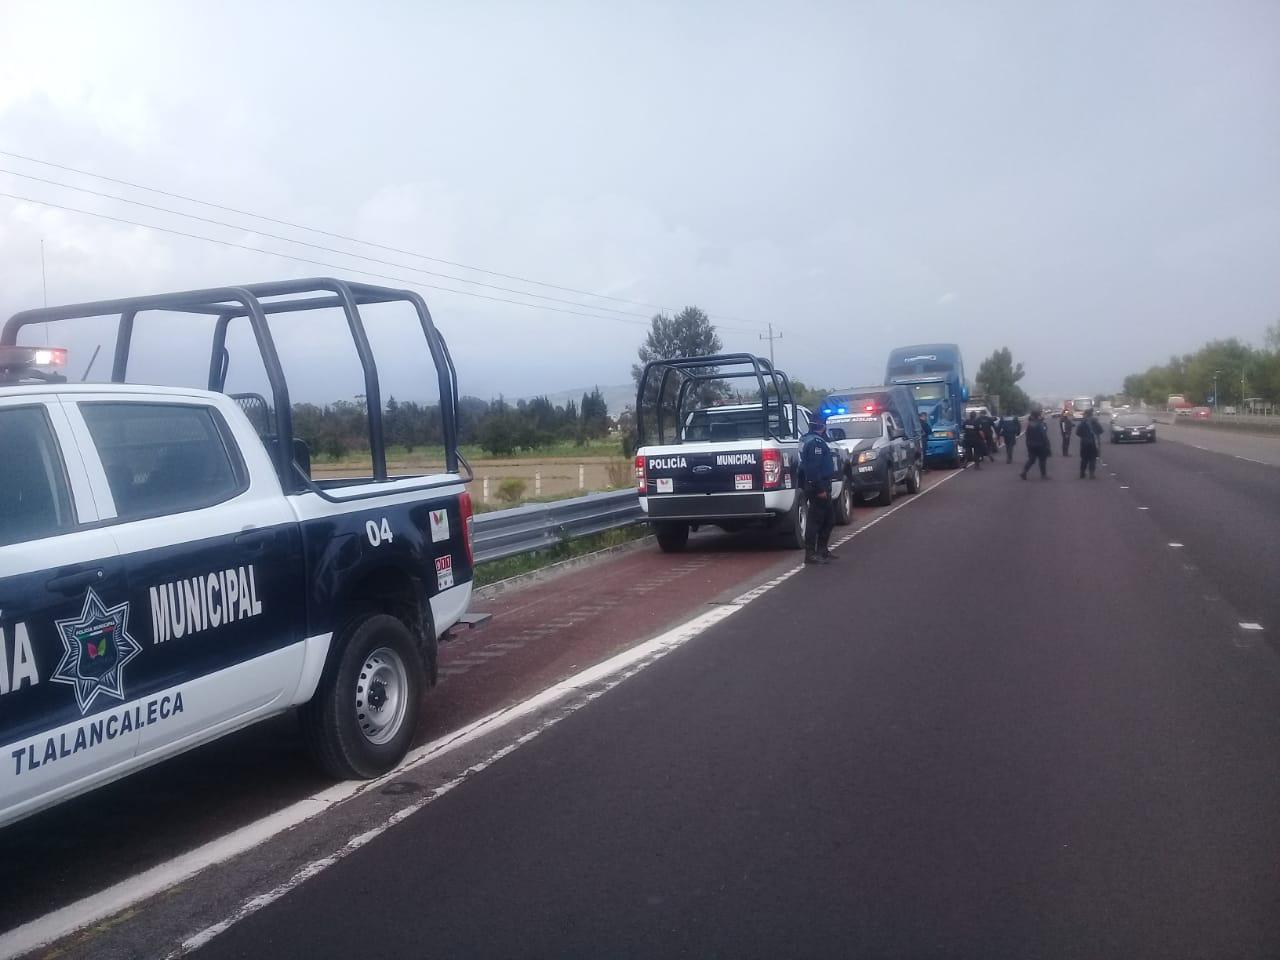 Policías de Tlalancaleca frustran segundo robo de tráiler